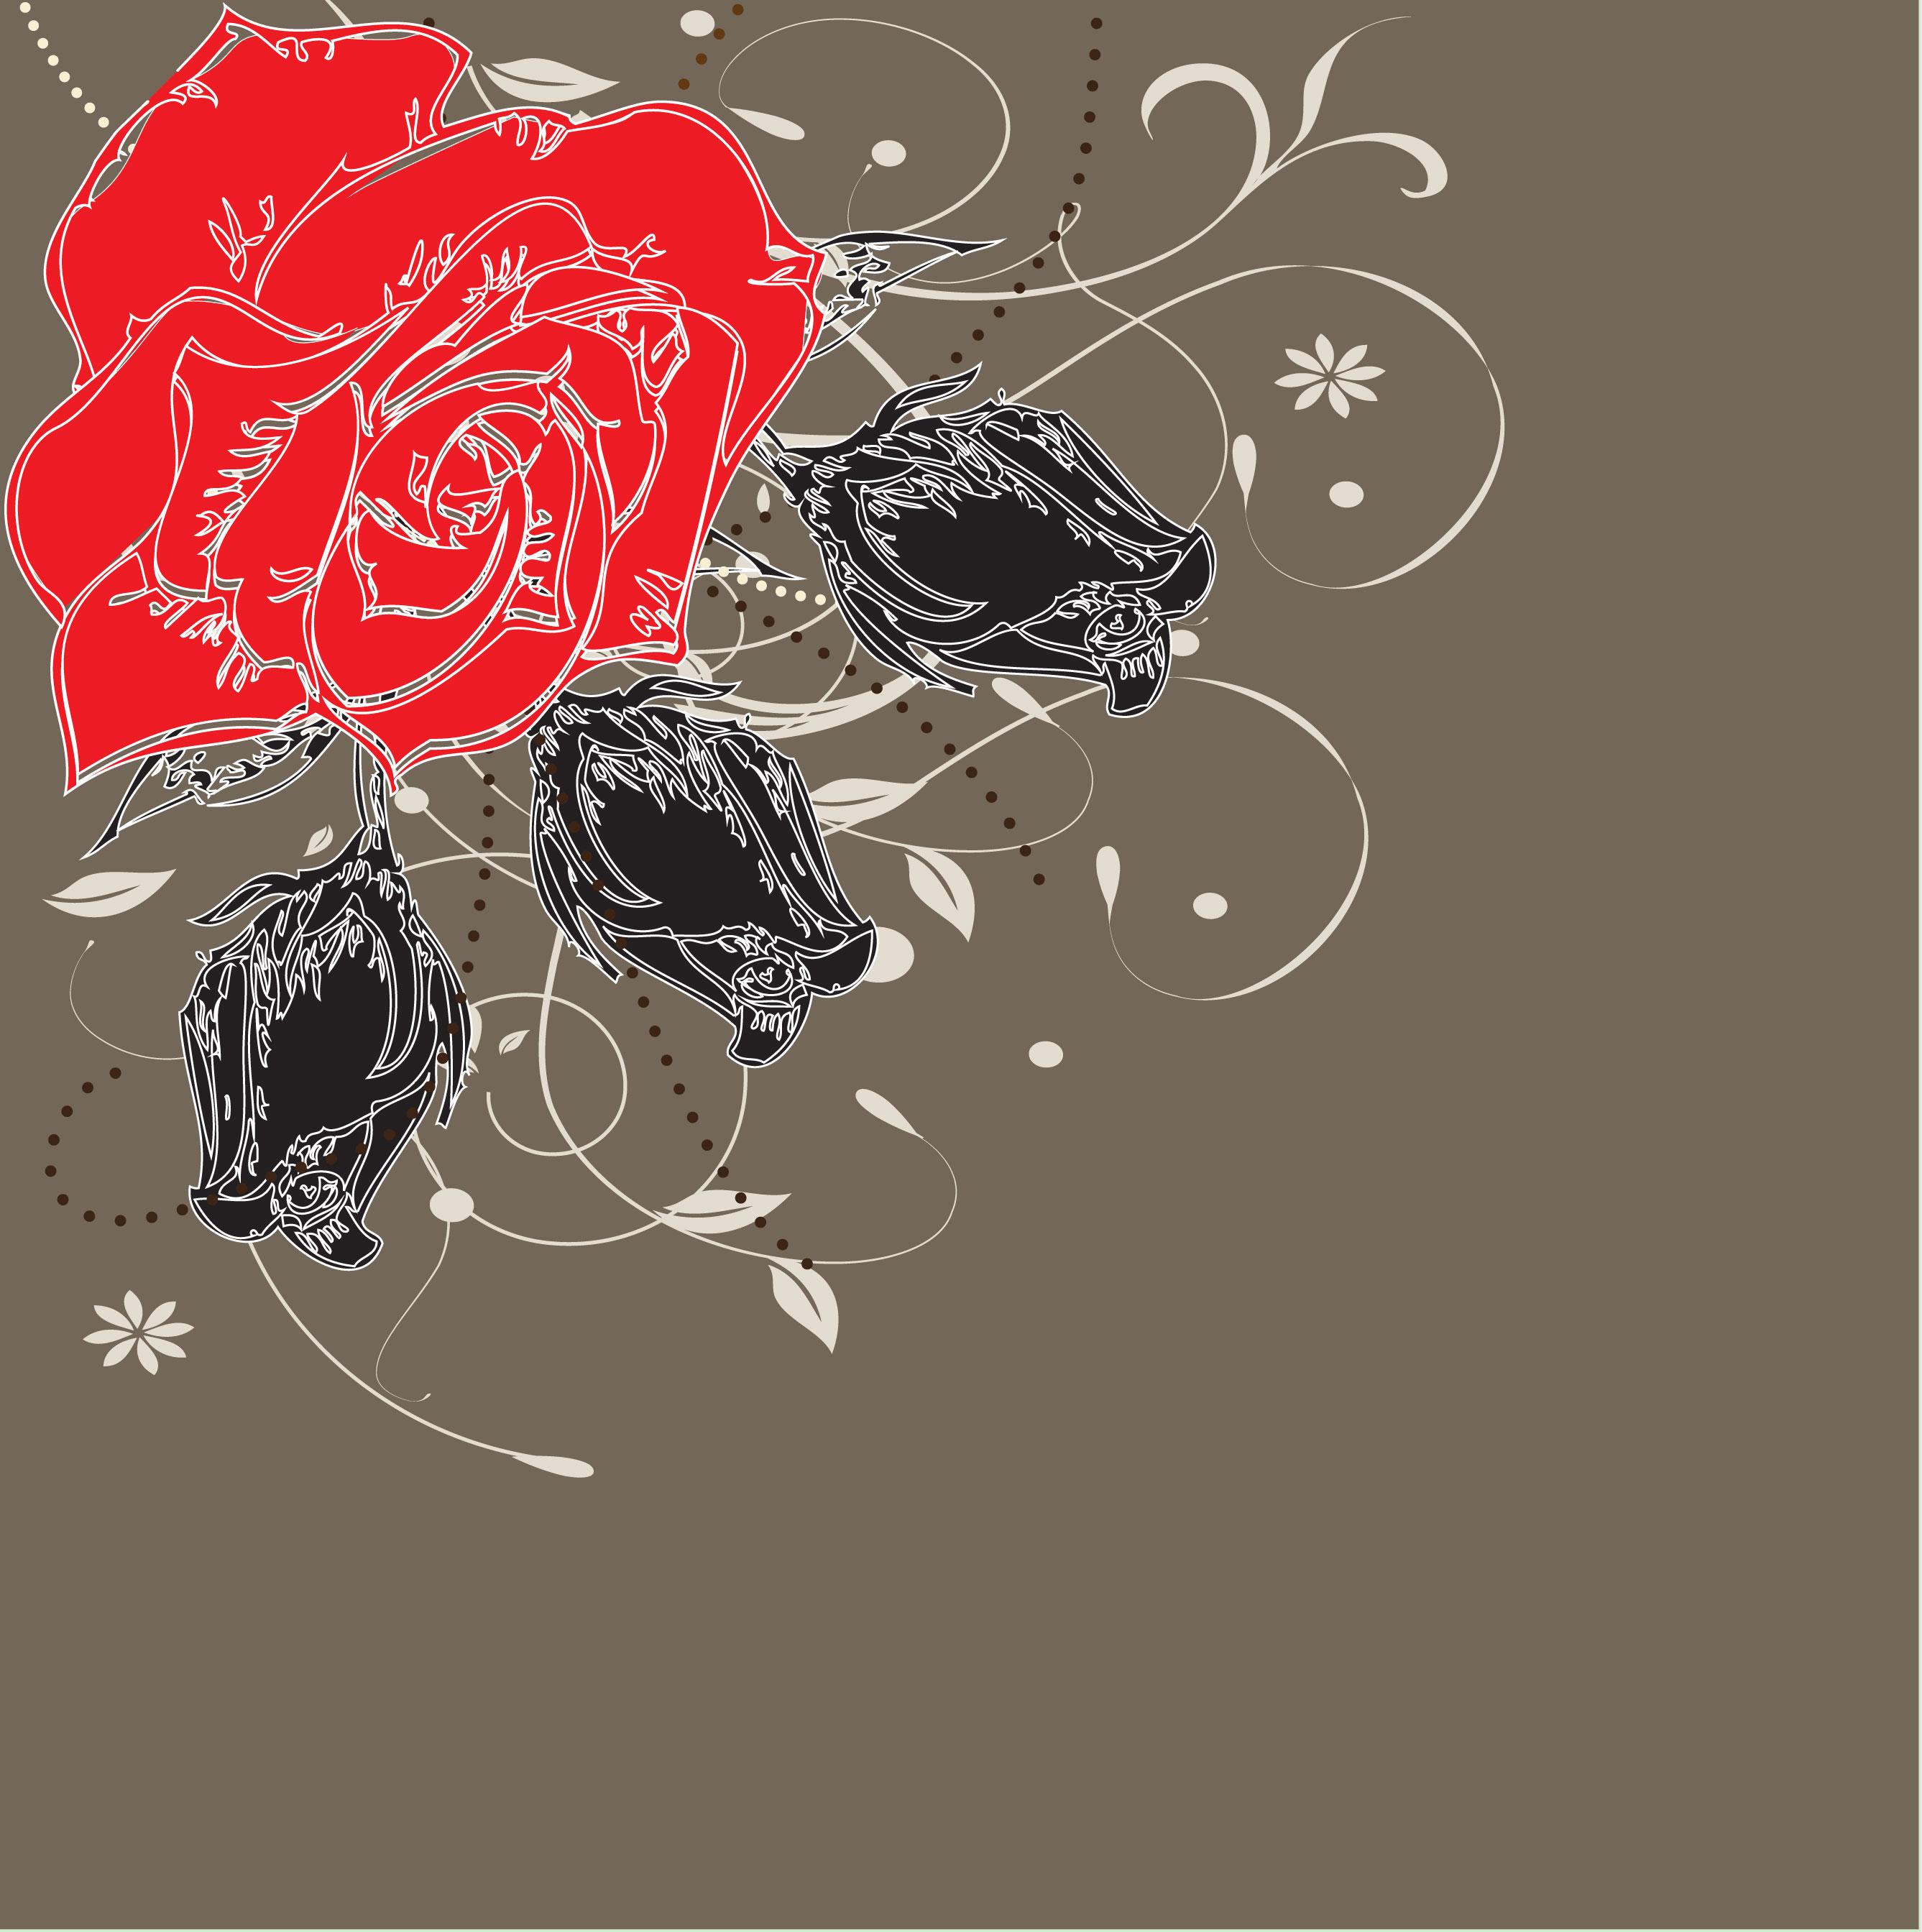 花のイラスト フリー素材 壁紙 背景no 269 赤黒のバラ グレー